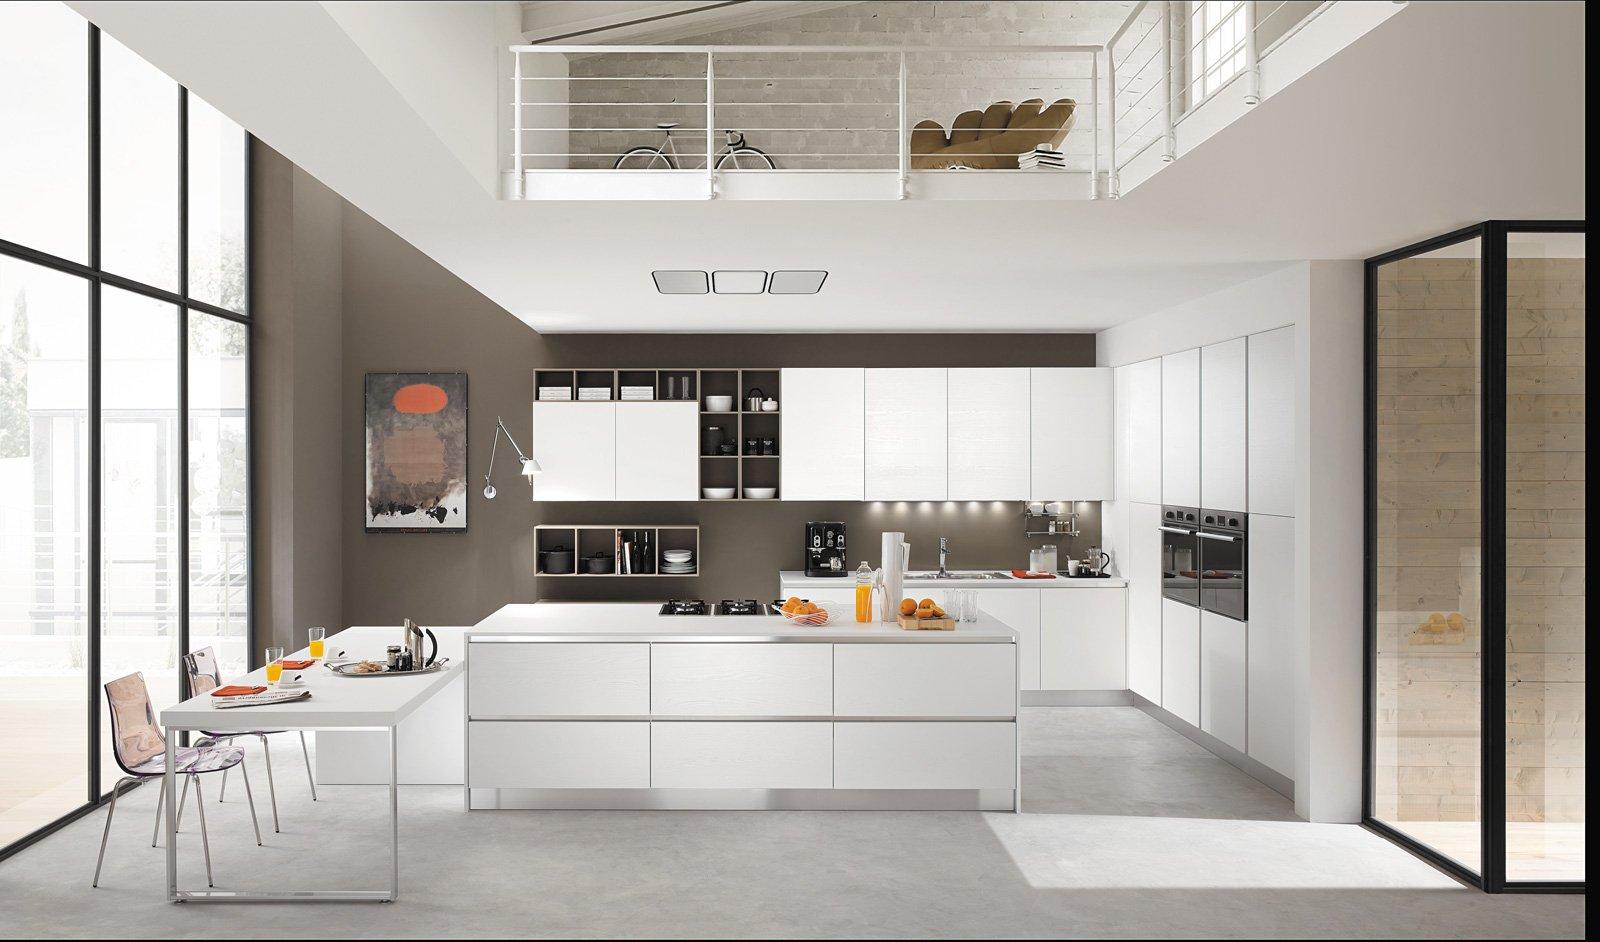 Tanto bianco e la cucina raddoppia visivamente cose di casa for Disegni di casa italiana moderna